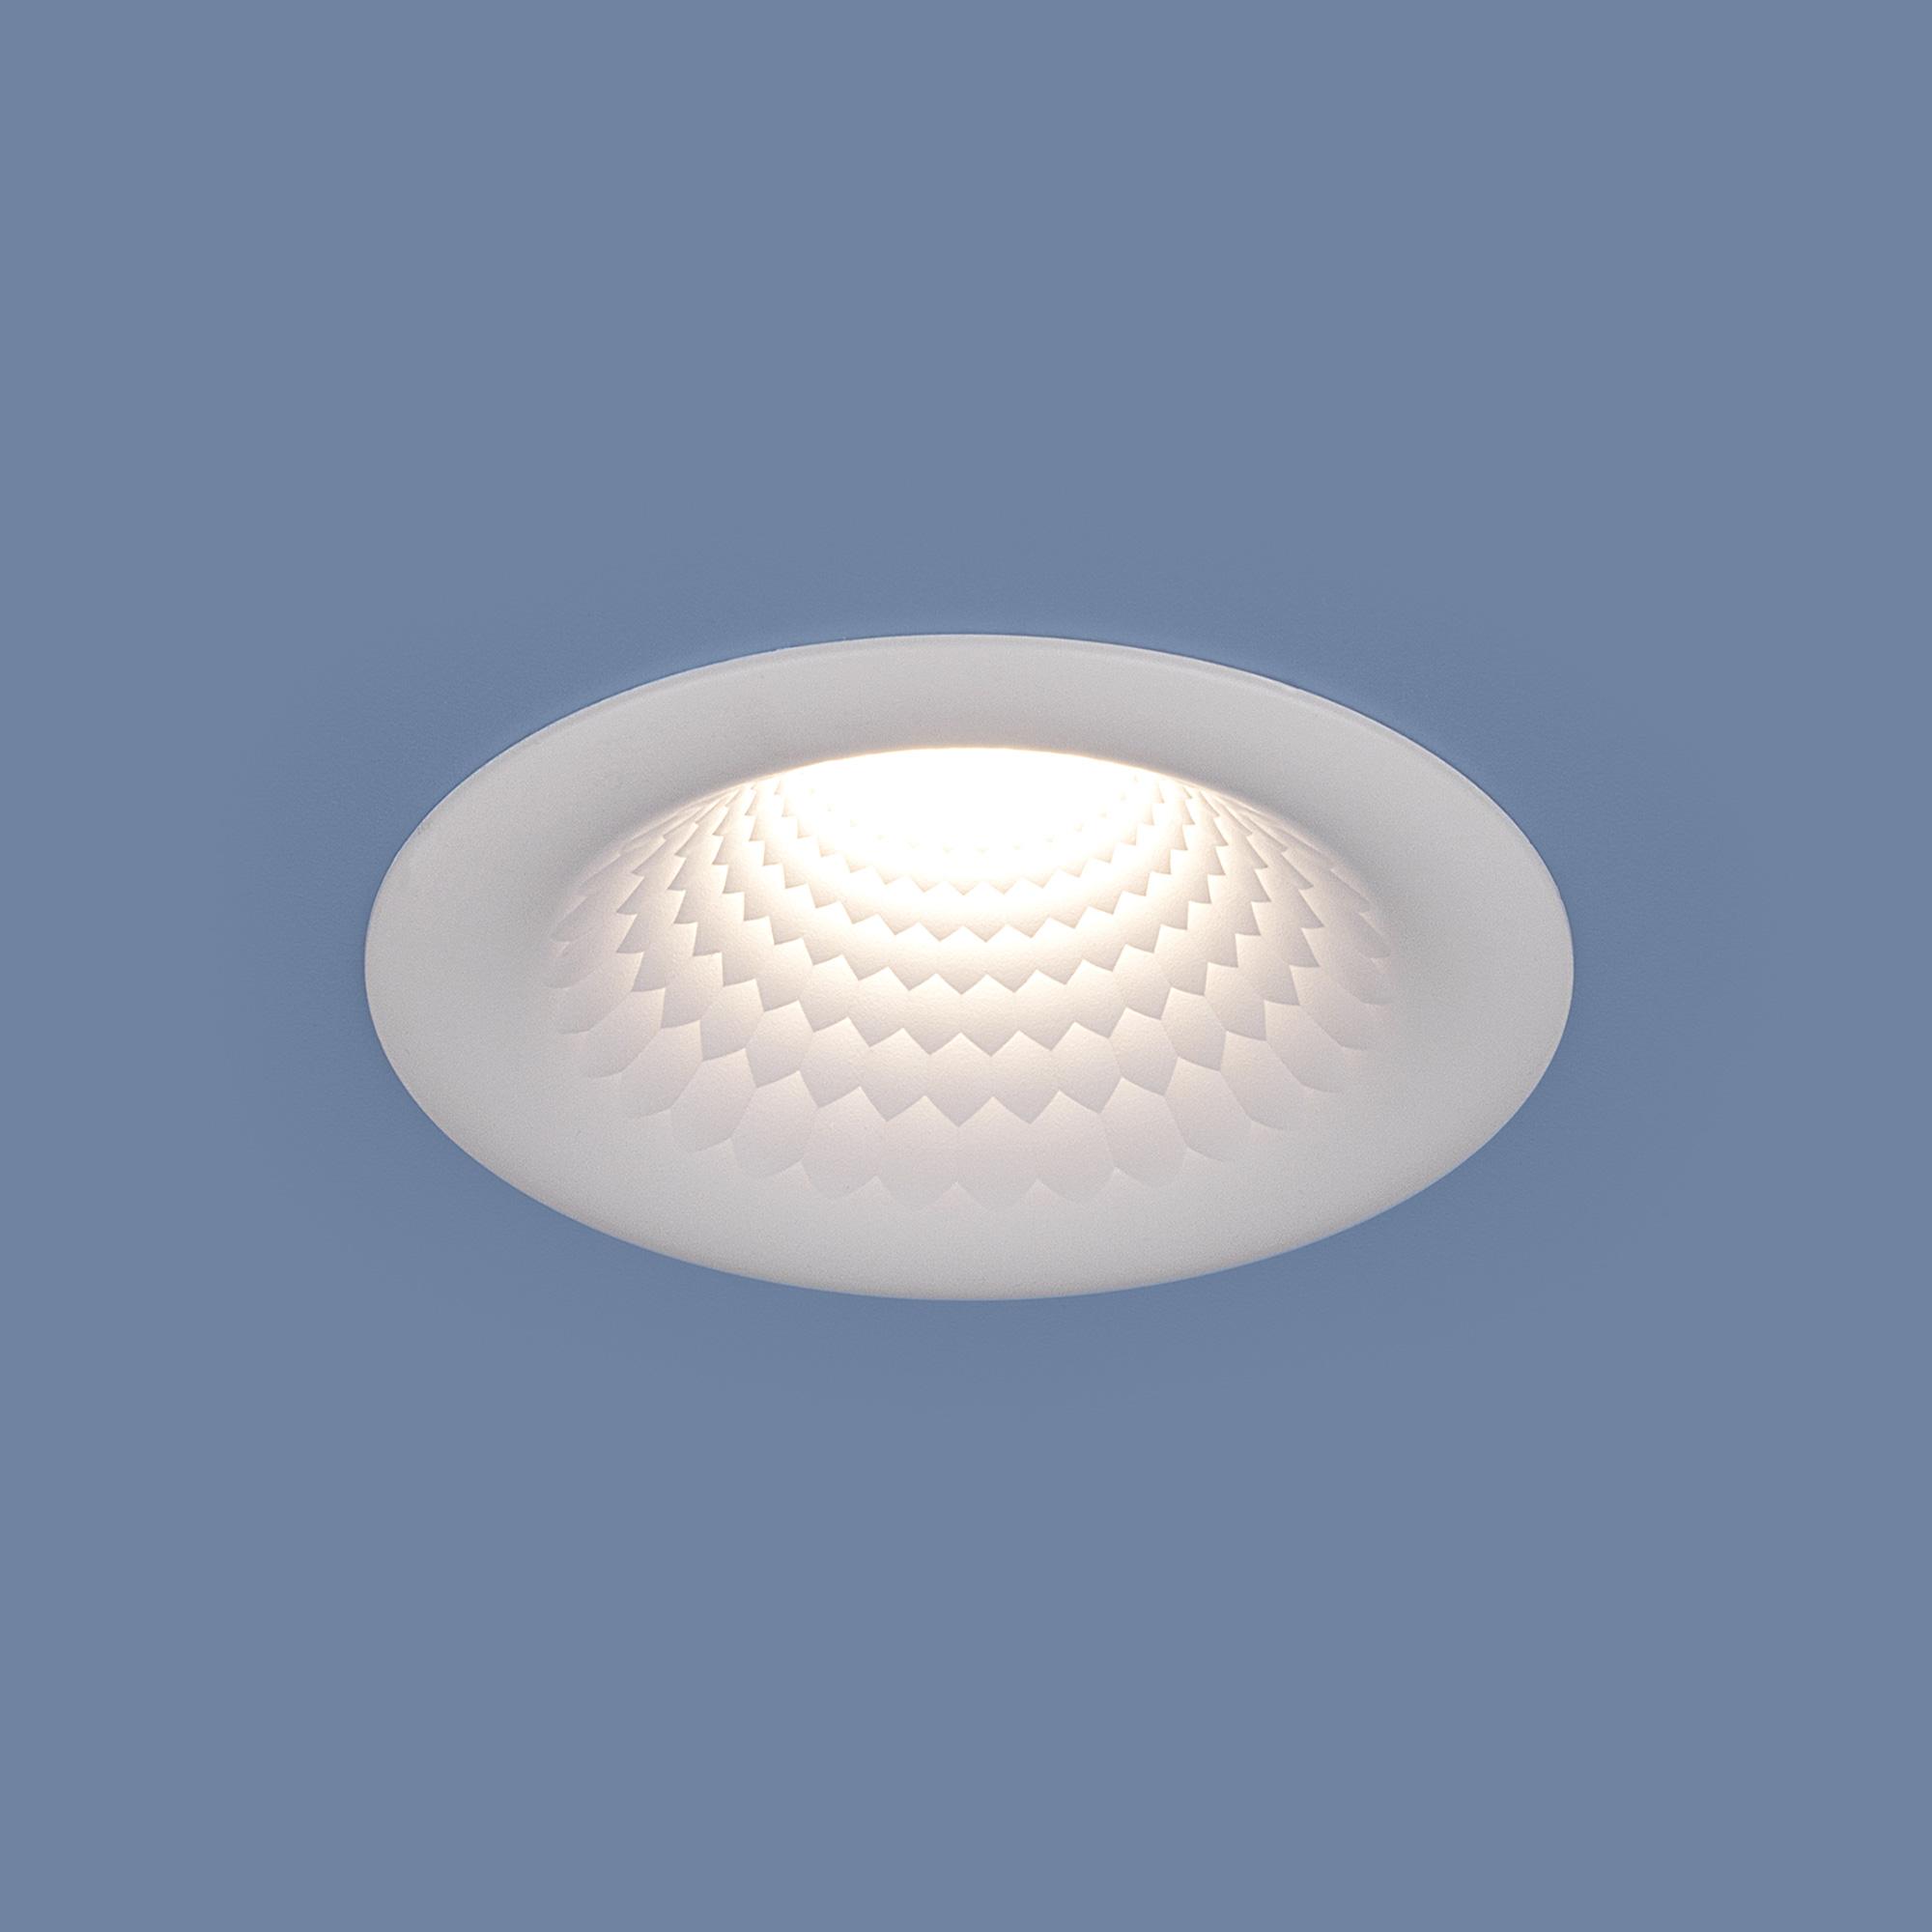 Встраиваемый точечный светодиодный светильник 9904 LED 5W WH белый